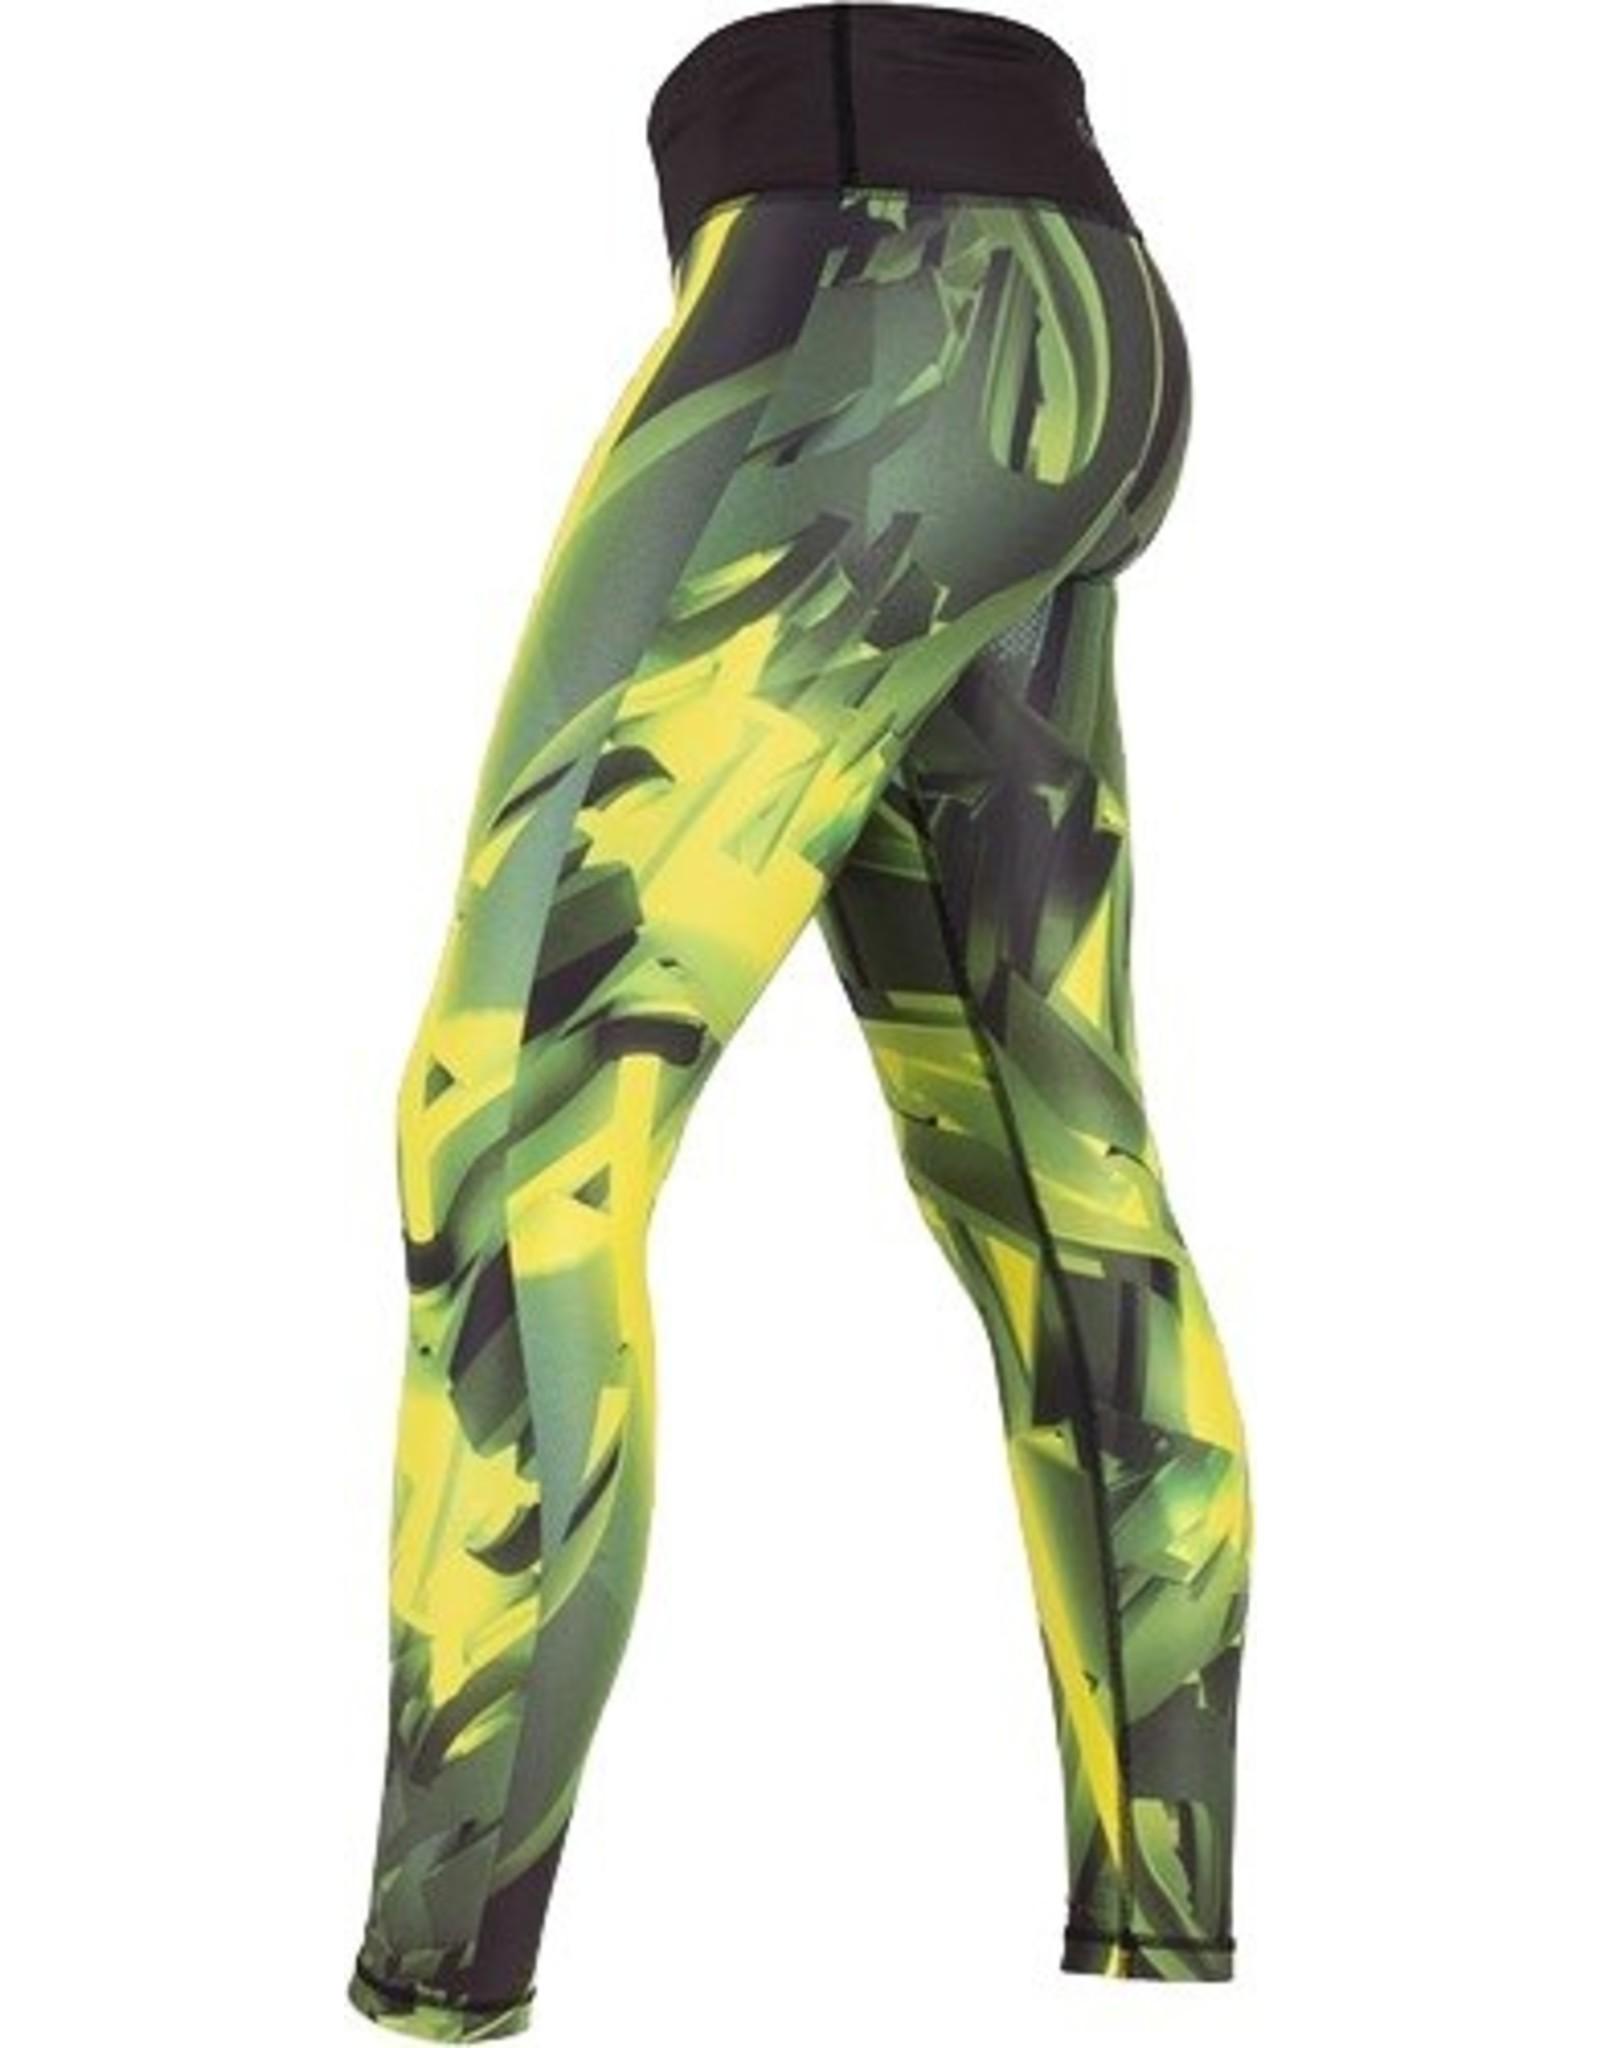 Gorilla Wear Tights - Reno